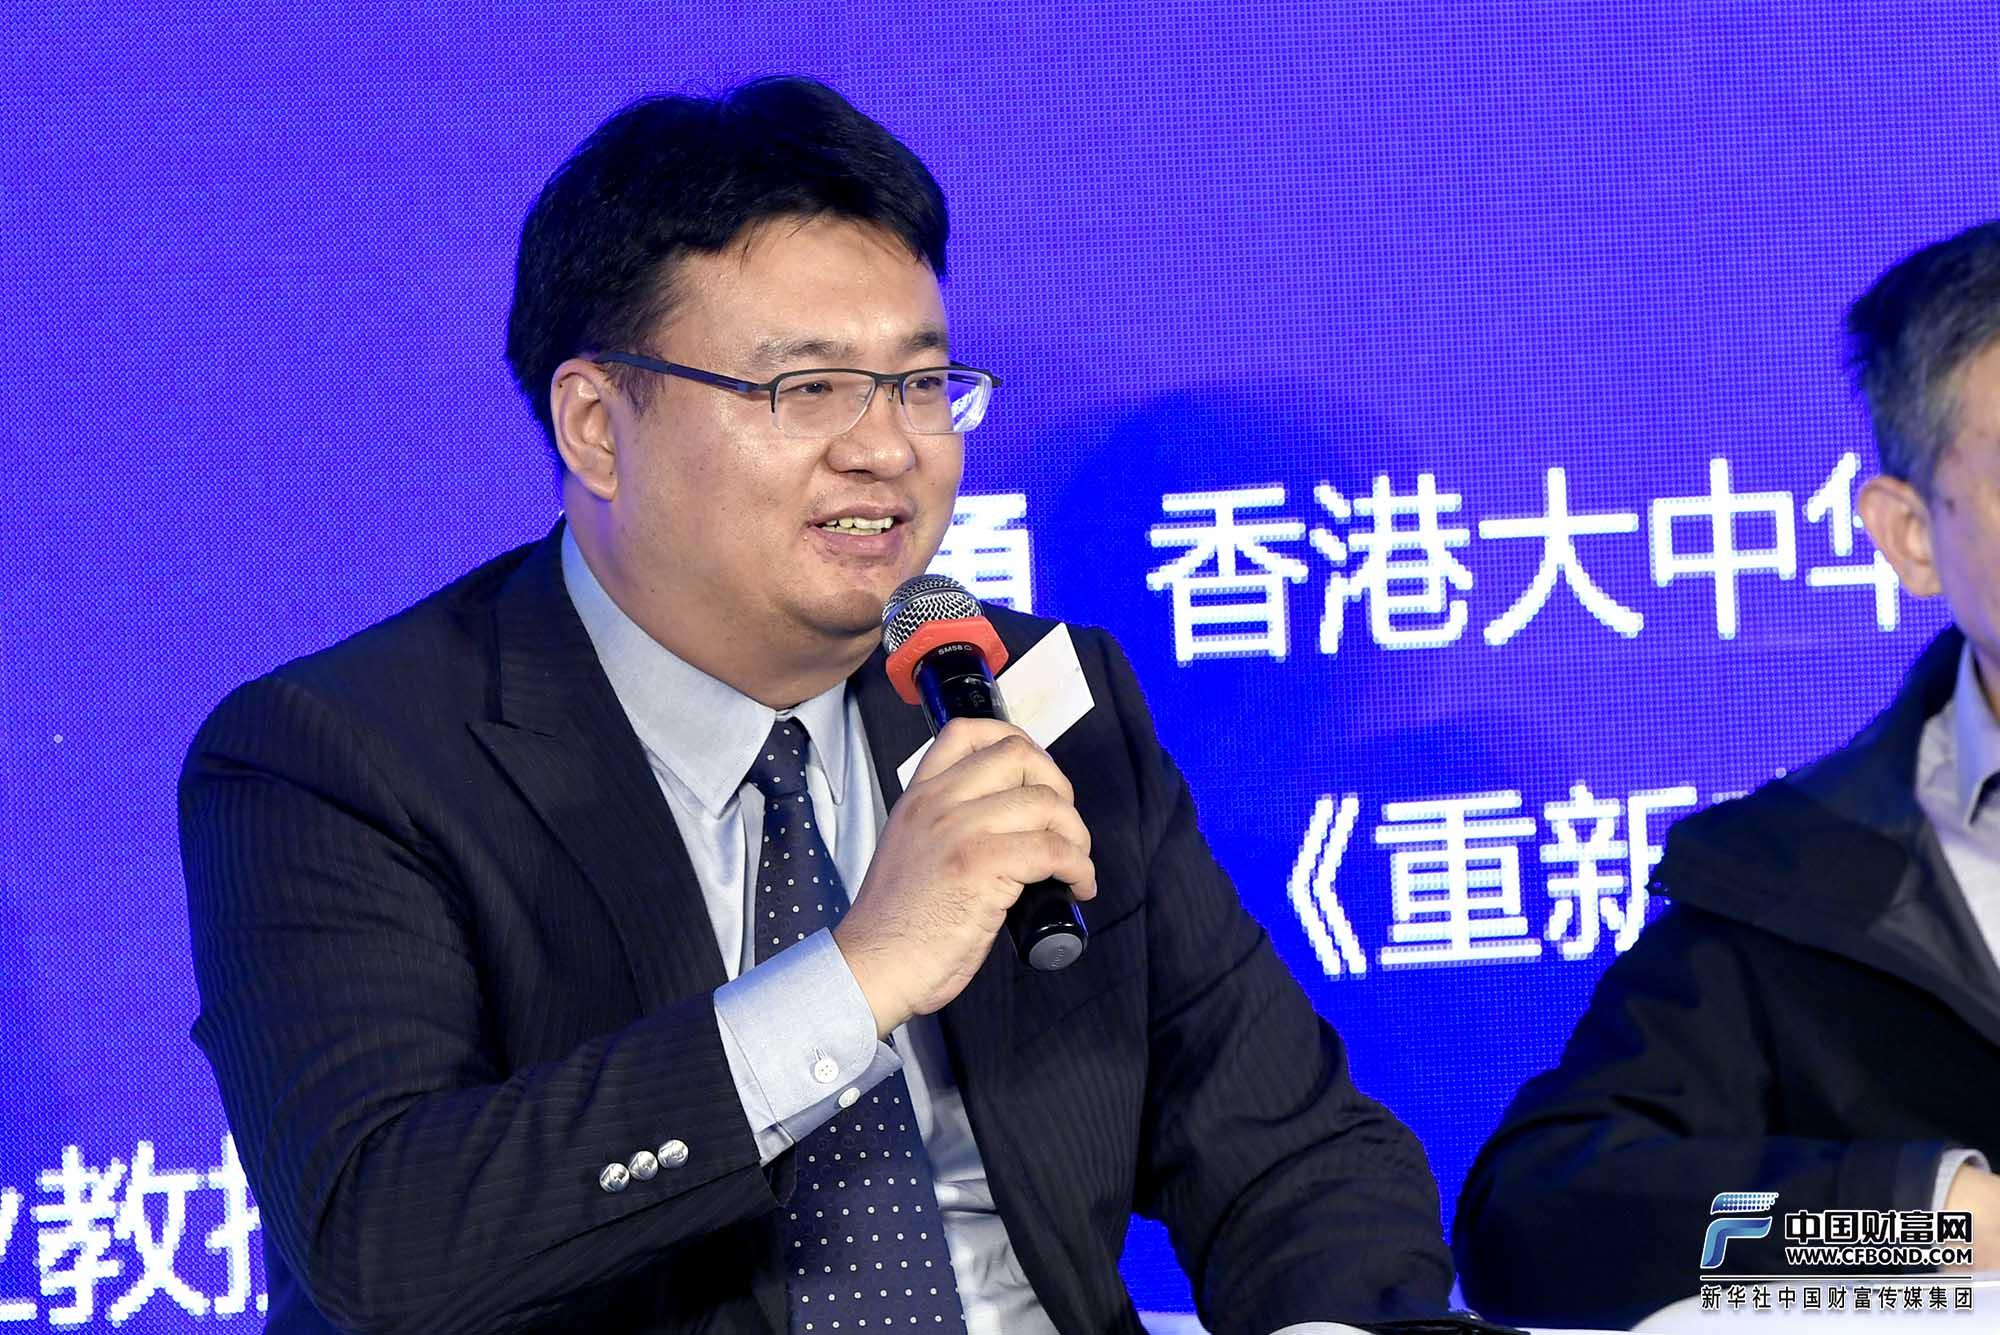 圆桌论坛一发言嘉宾:碧有信财富管理部总经理刘万里